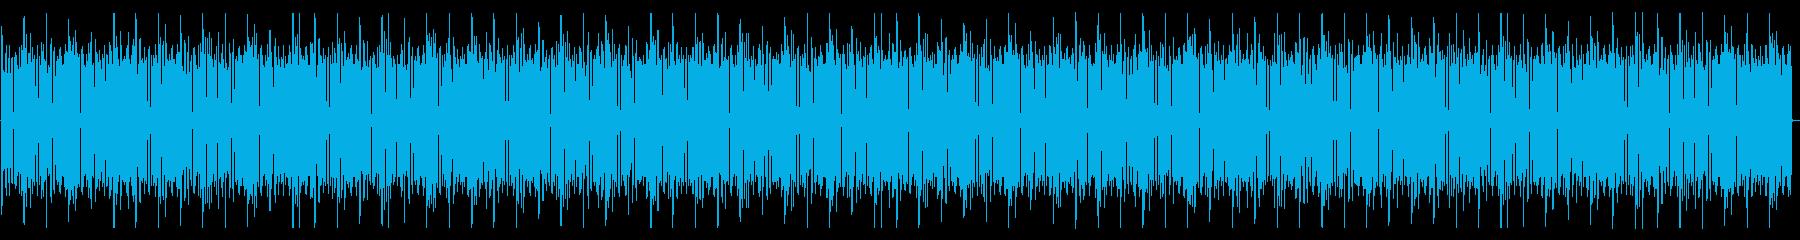 おしゃれなエレピとファンキーなベースの曲の再生済みの波形